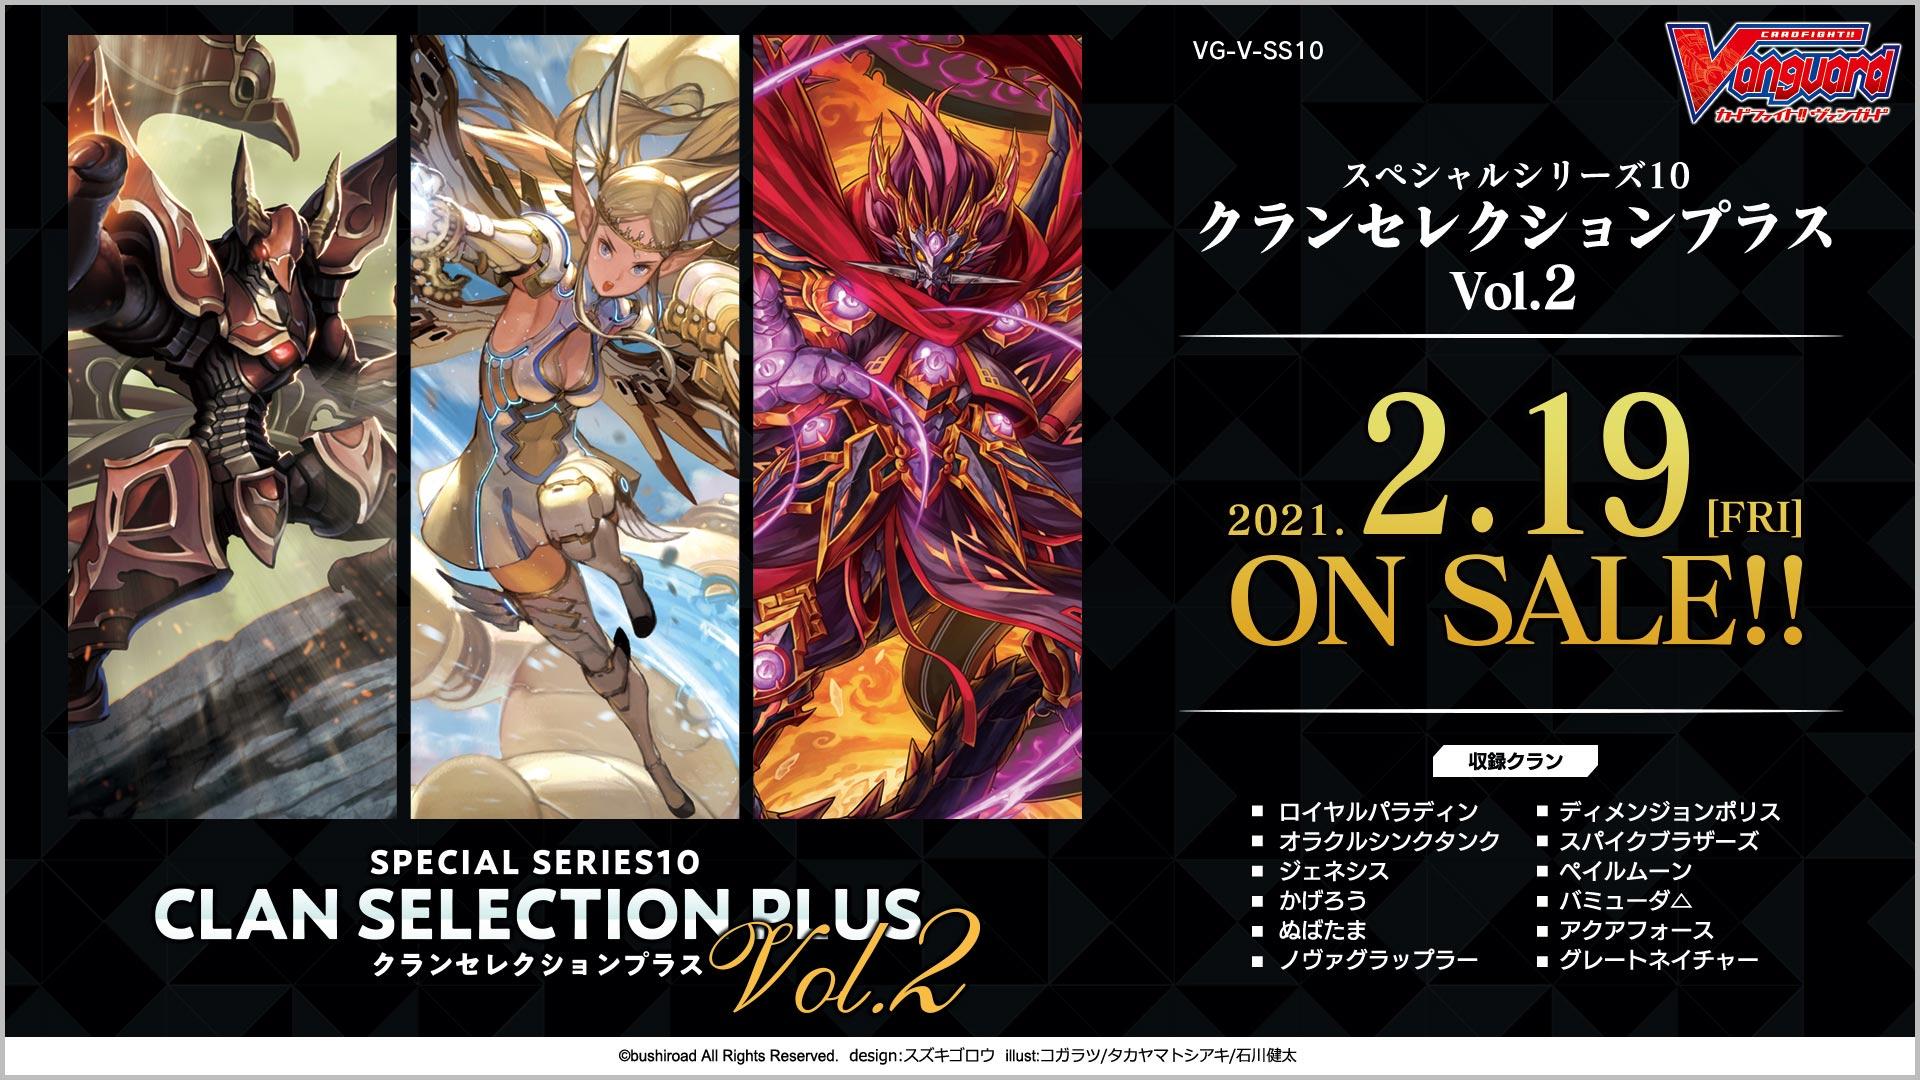 【V-SS10】「クランセレクションプラス Vol.2」